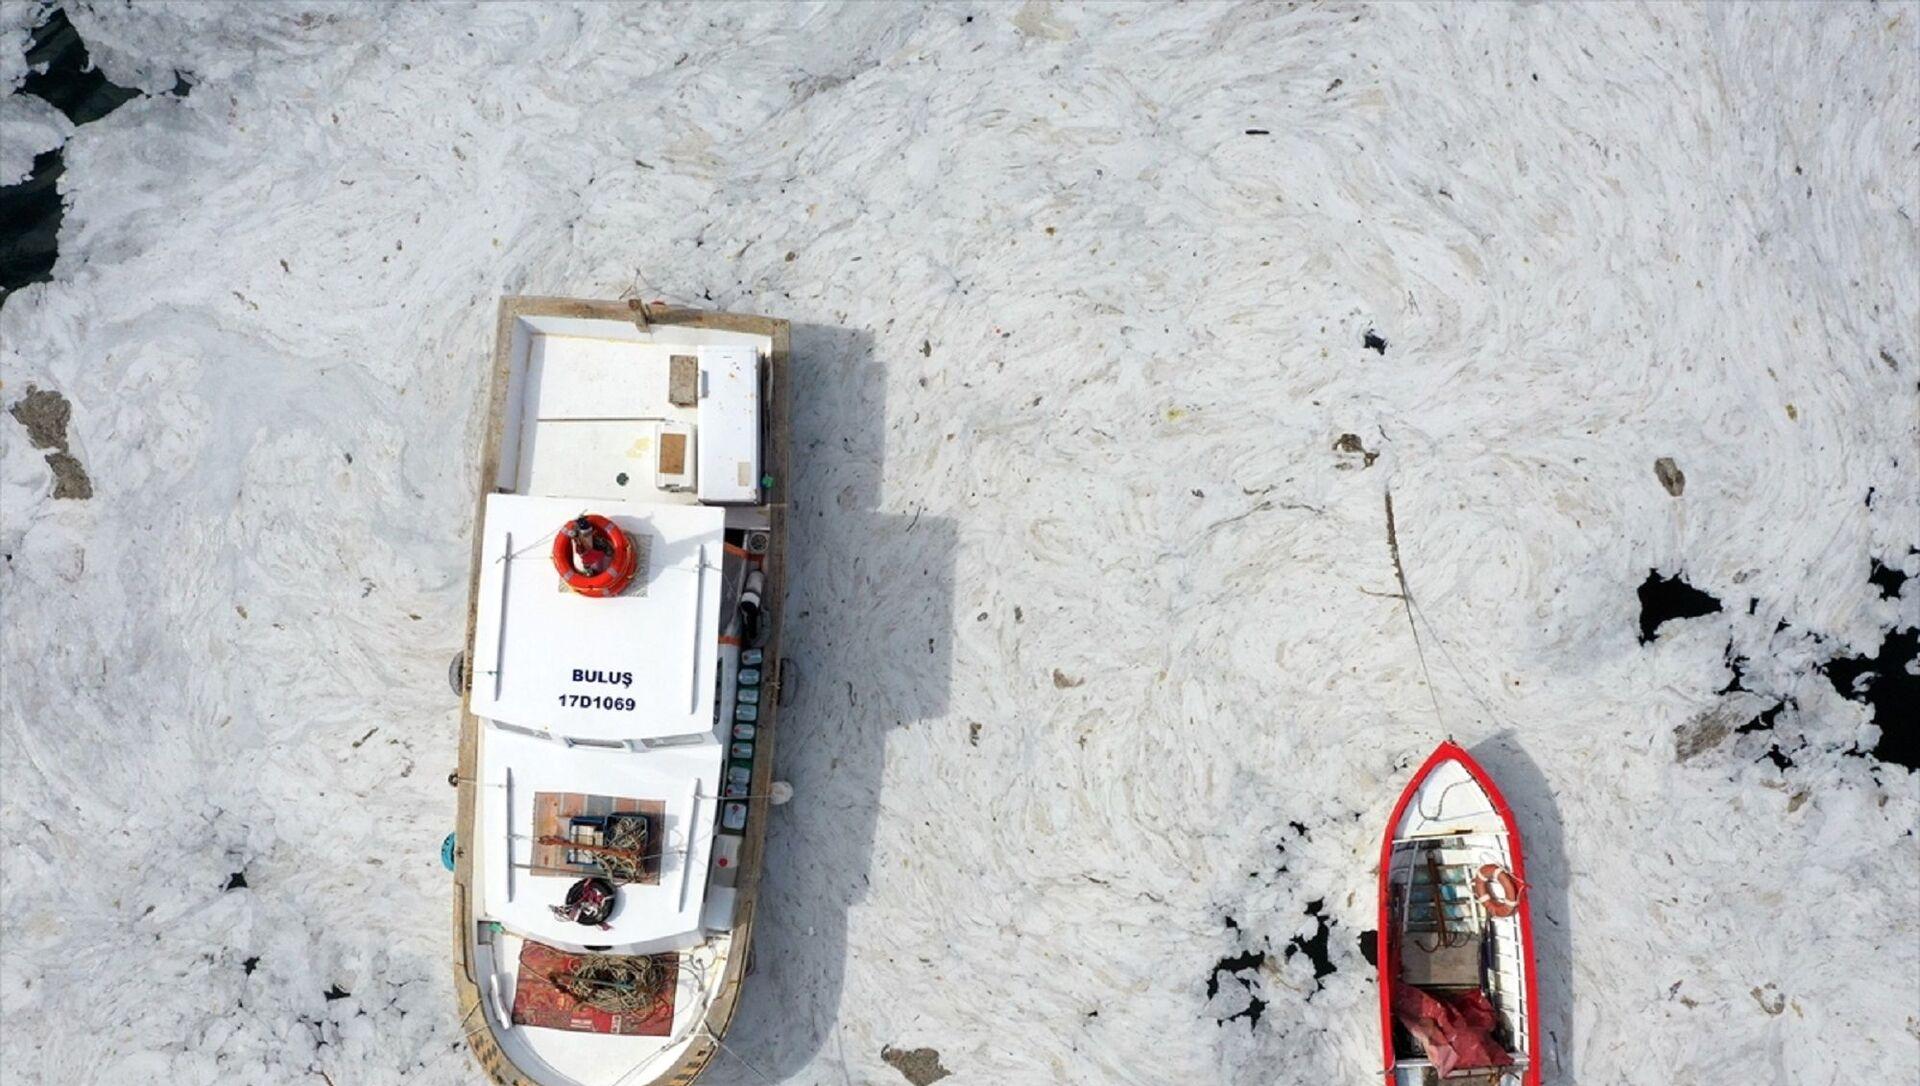 Marmara Denizi sahillerinde görülen ve rüzgarın etkisiyle kıyılara sürüklenen müsilajın (deniz salyası) Tarihi Gelibolu Yarımadası'ndaki yoğunluğu drone kamerasına yansıdı. Kentte etkili olan rüzgarla yön değiştiren müsilaj, Tarihi Gelibolu Yarımadası kıyılarında etkili oldu. Eceabat'ta Çamburnu mevkisi ile Kilitbahir Kalesi, Barut İskelesi, Rumeli Mecidiye Tabyası bölgelerinde yoğunlaşan müsilaj, Şehitler Abidesi ve Morto Koyu'nda da etkili olduğu görüldü. - Sputnik Türkiye, 1920, 24.06.2021